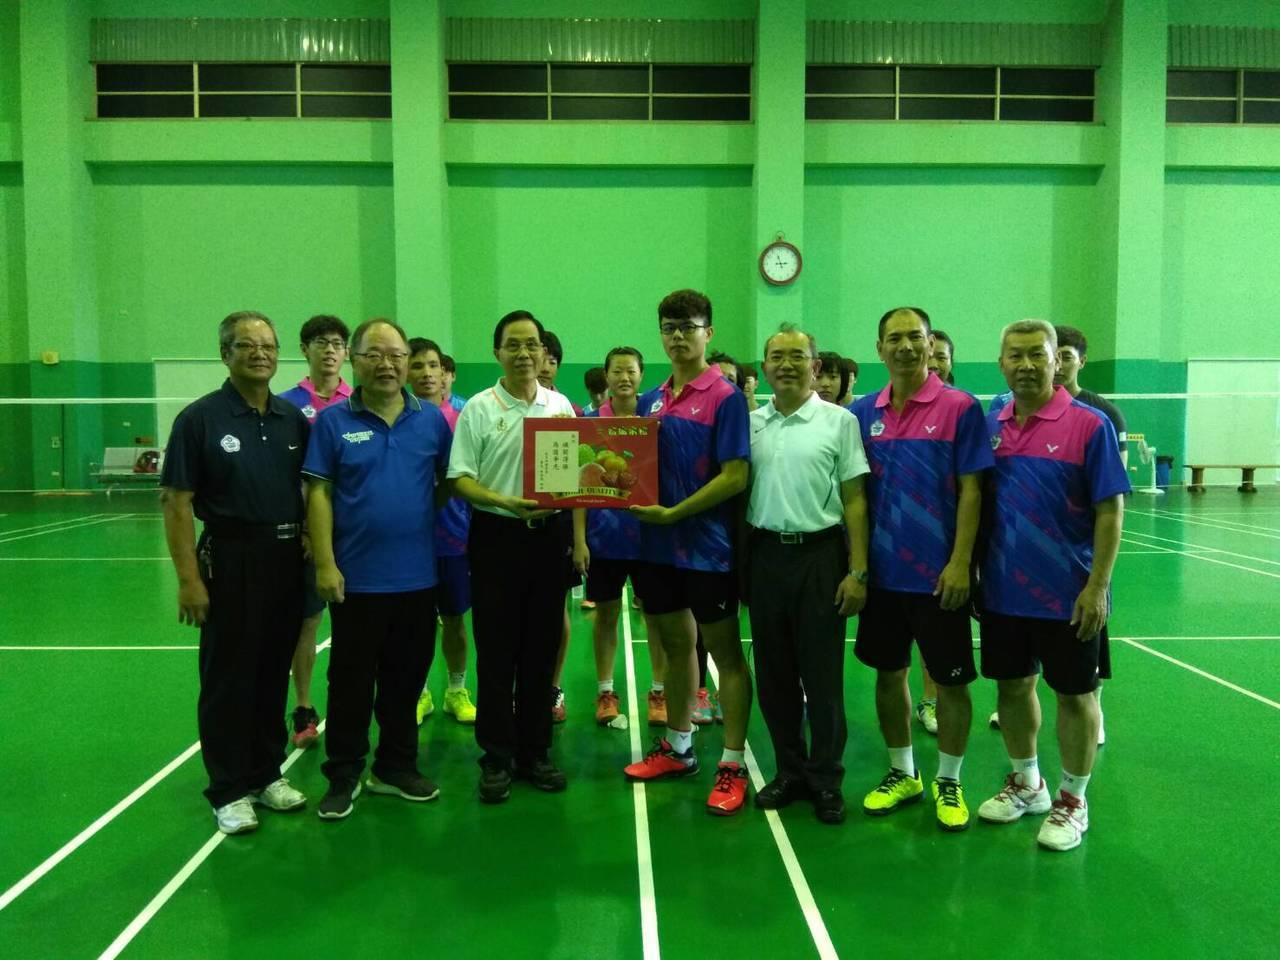 聽障奧運羽球隊在女單、女雙、混雙都有爭金奪銀的實力。圖/中華聽障者體育運動協會提...